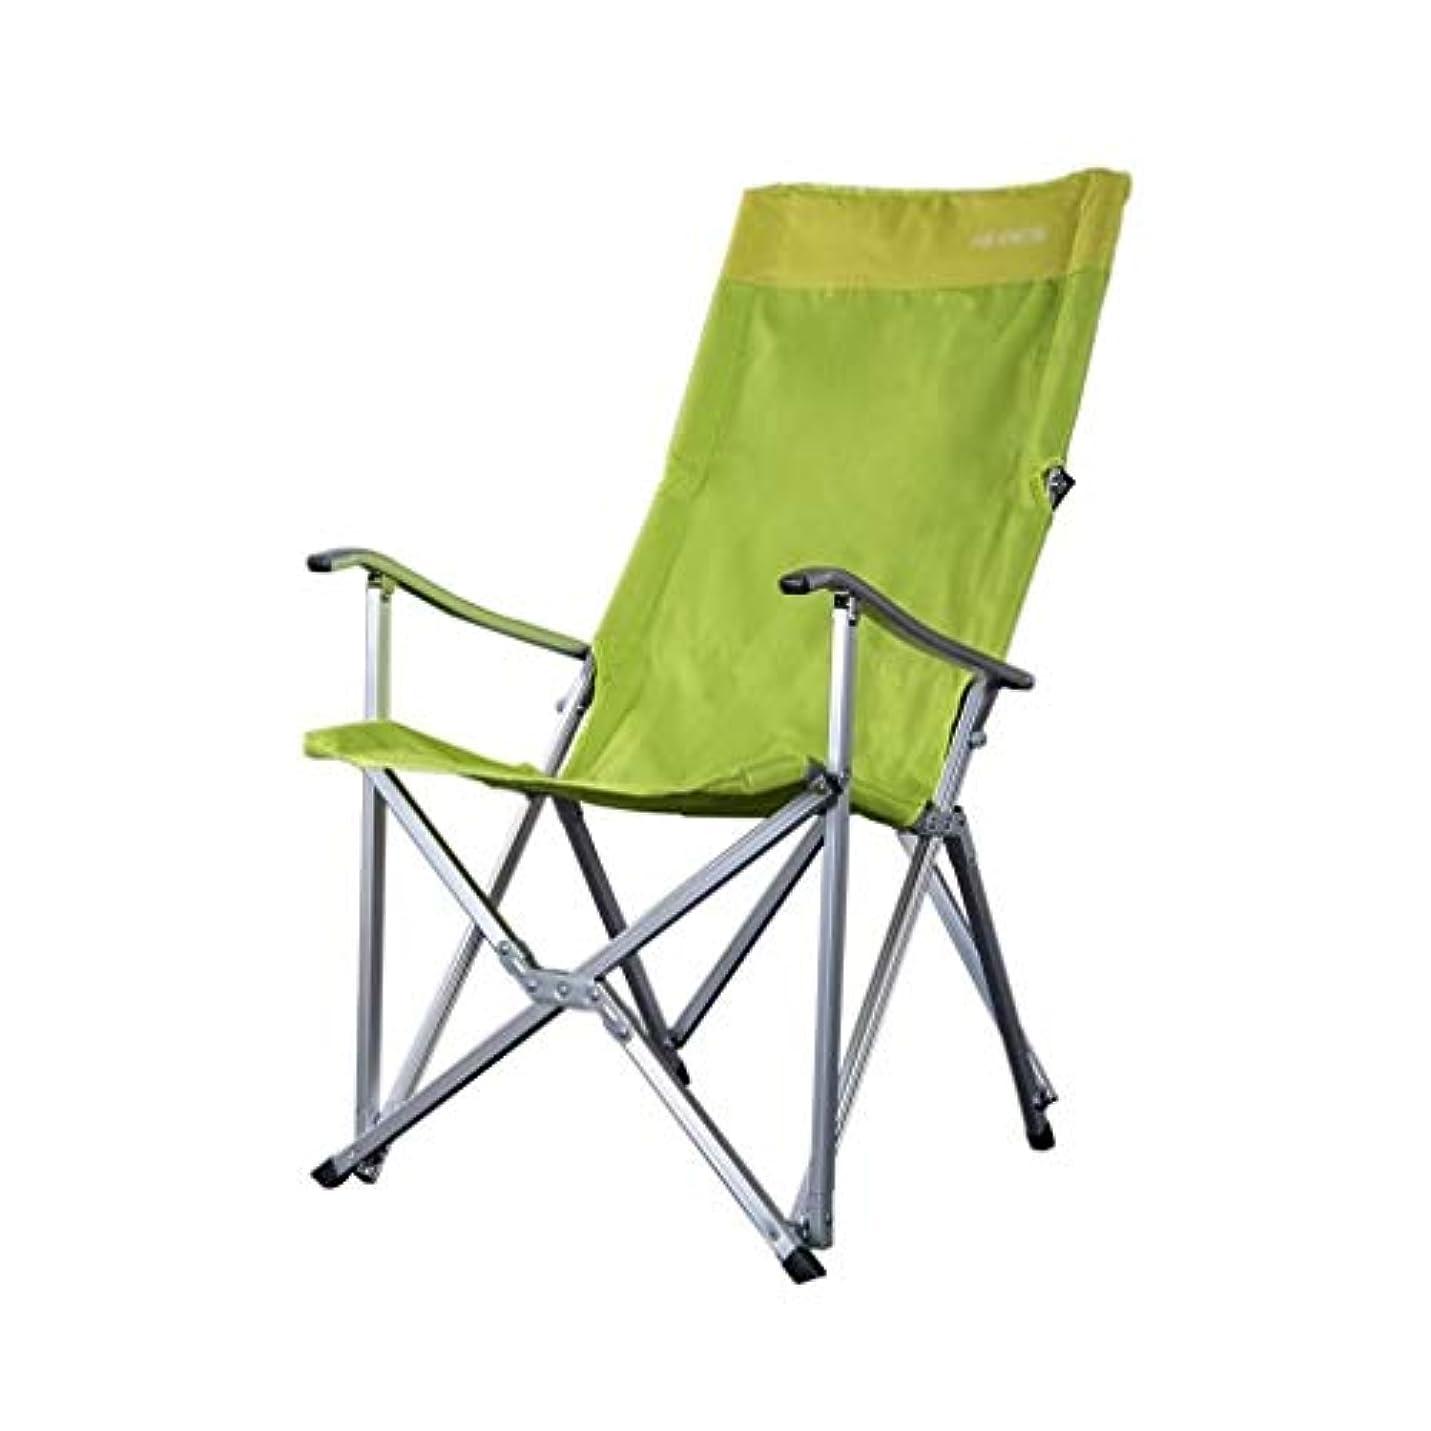 スタジアム武装解除ばかげているCSQポータブル キャンプチェア、グリーンオックスフォード布アウトドアチェア防水釣りチェア大人用チェアアウトドアチェアキャンプチェア 折りたたみ式 (Color : Green)